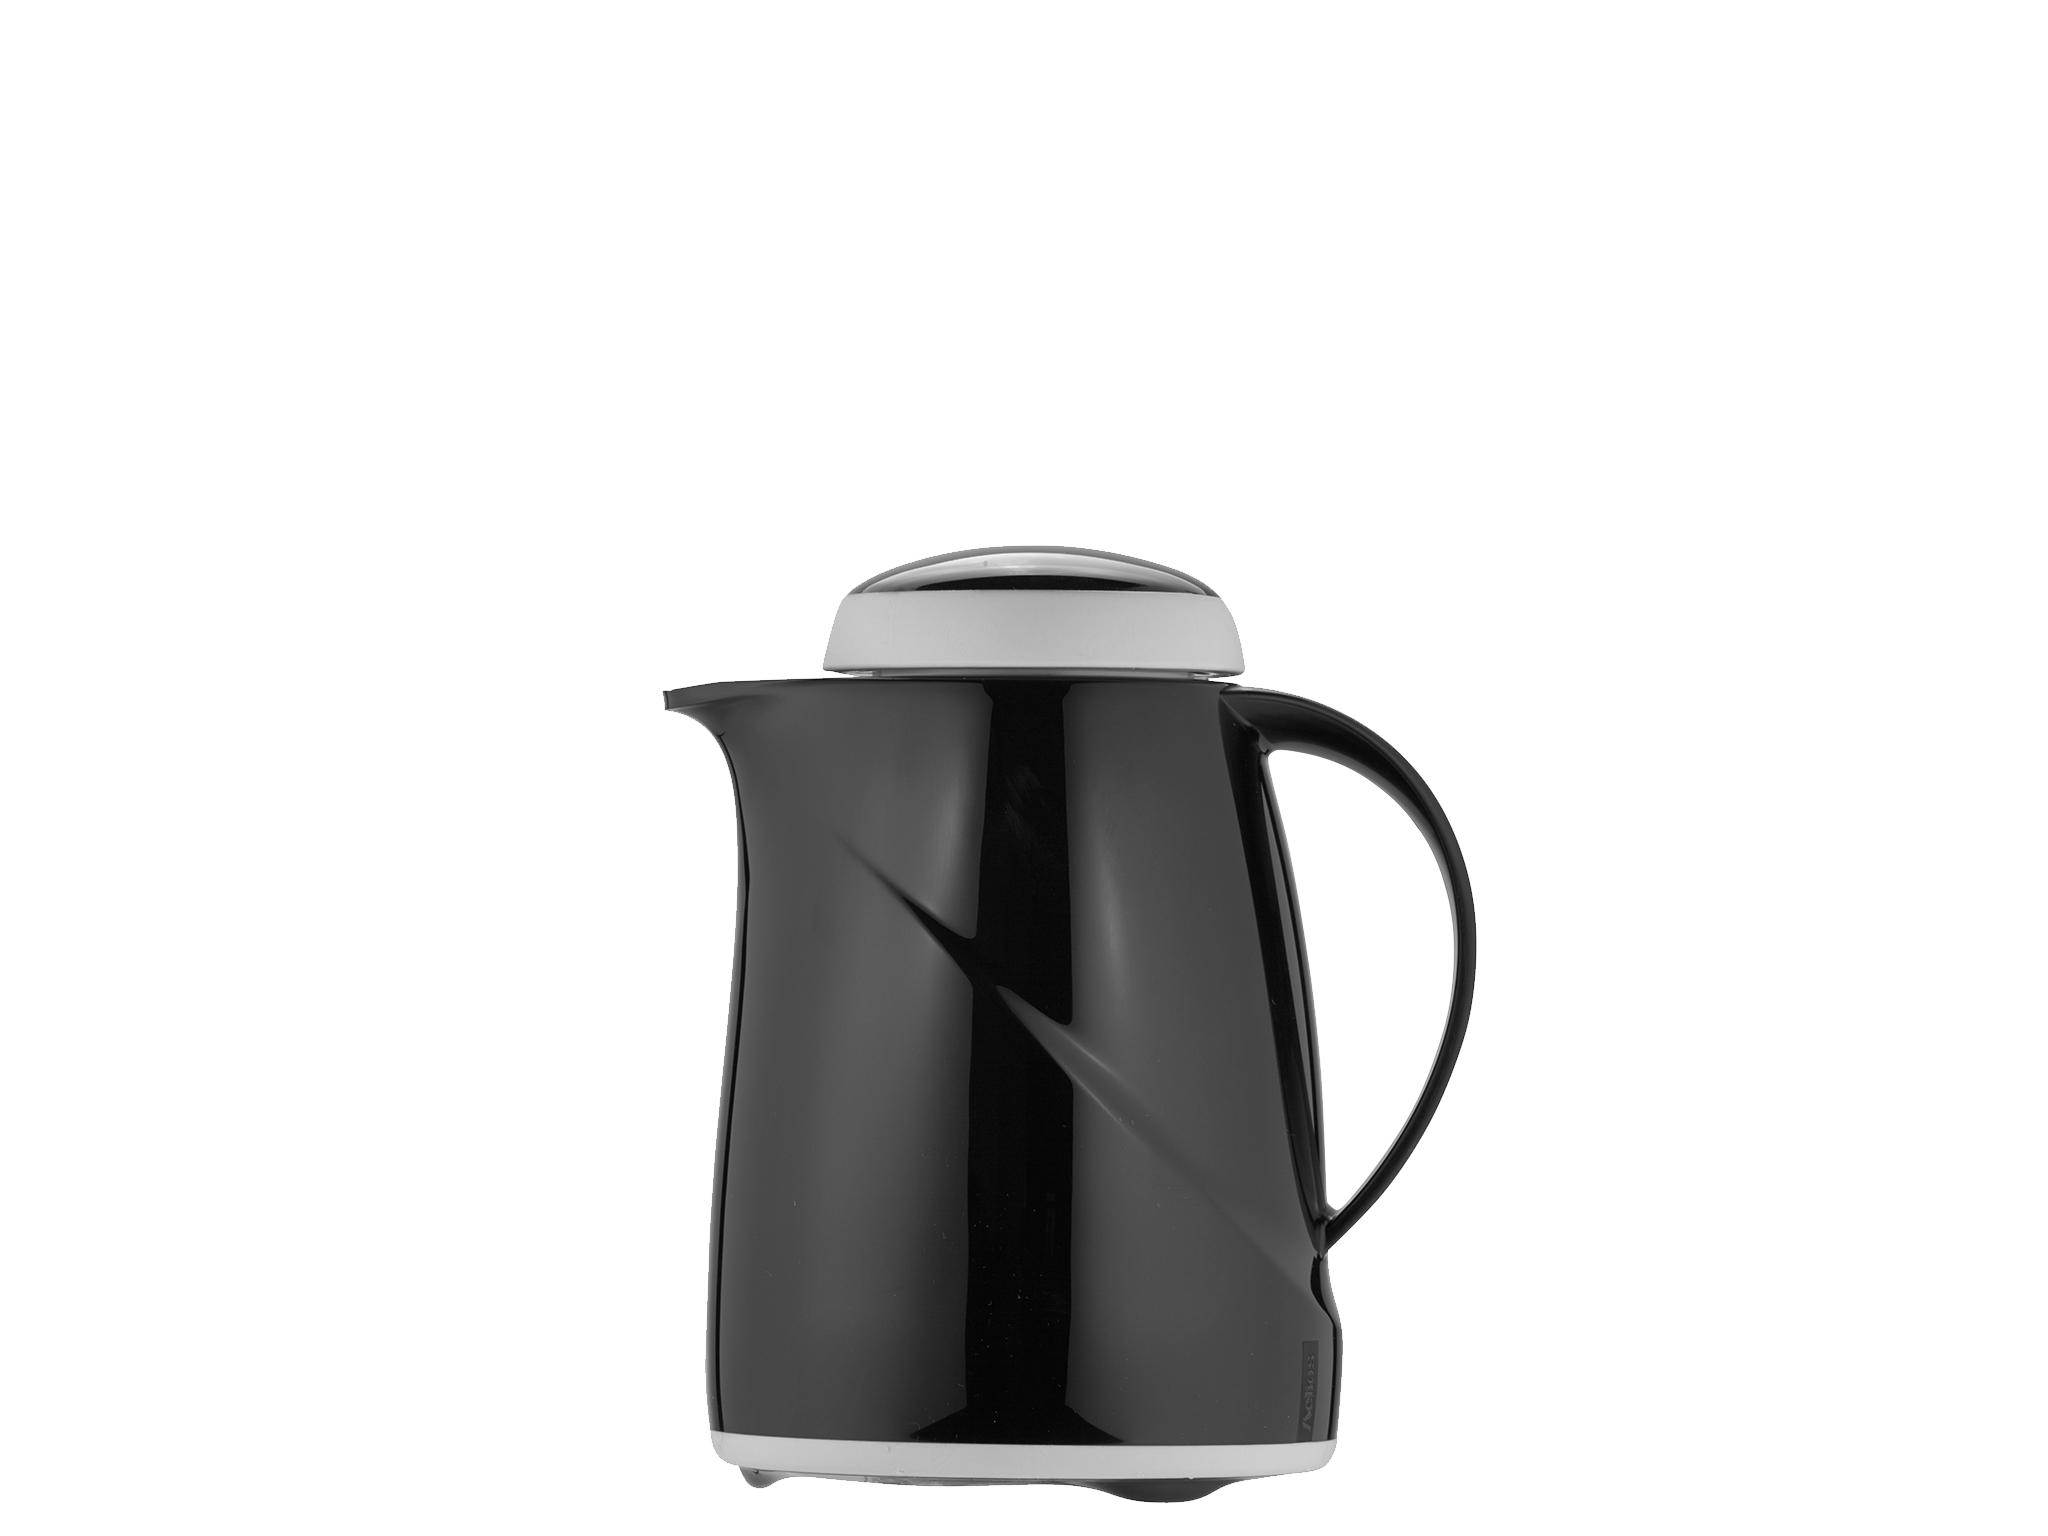 2941-002 - Vacuum carafe black 0.3 L WAVE PICCO - Helios